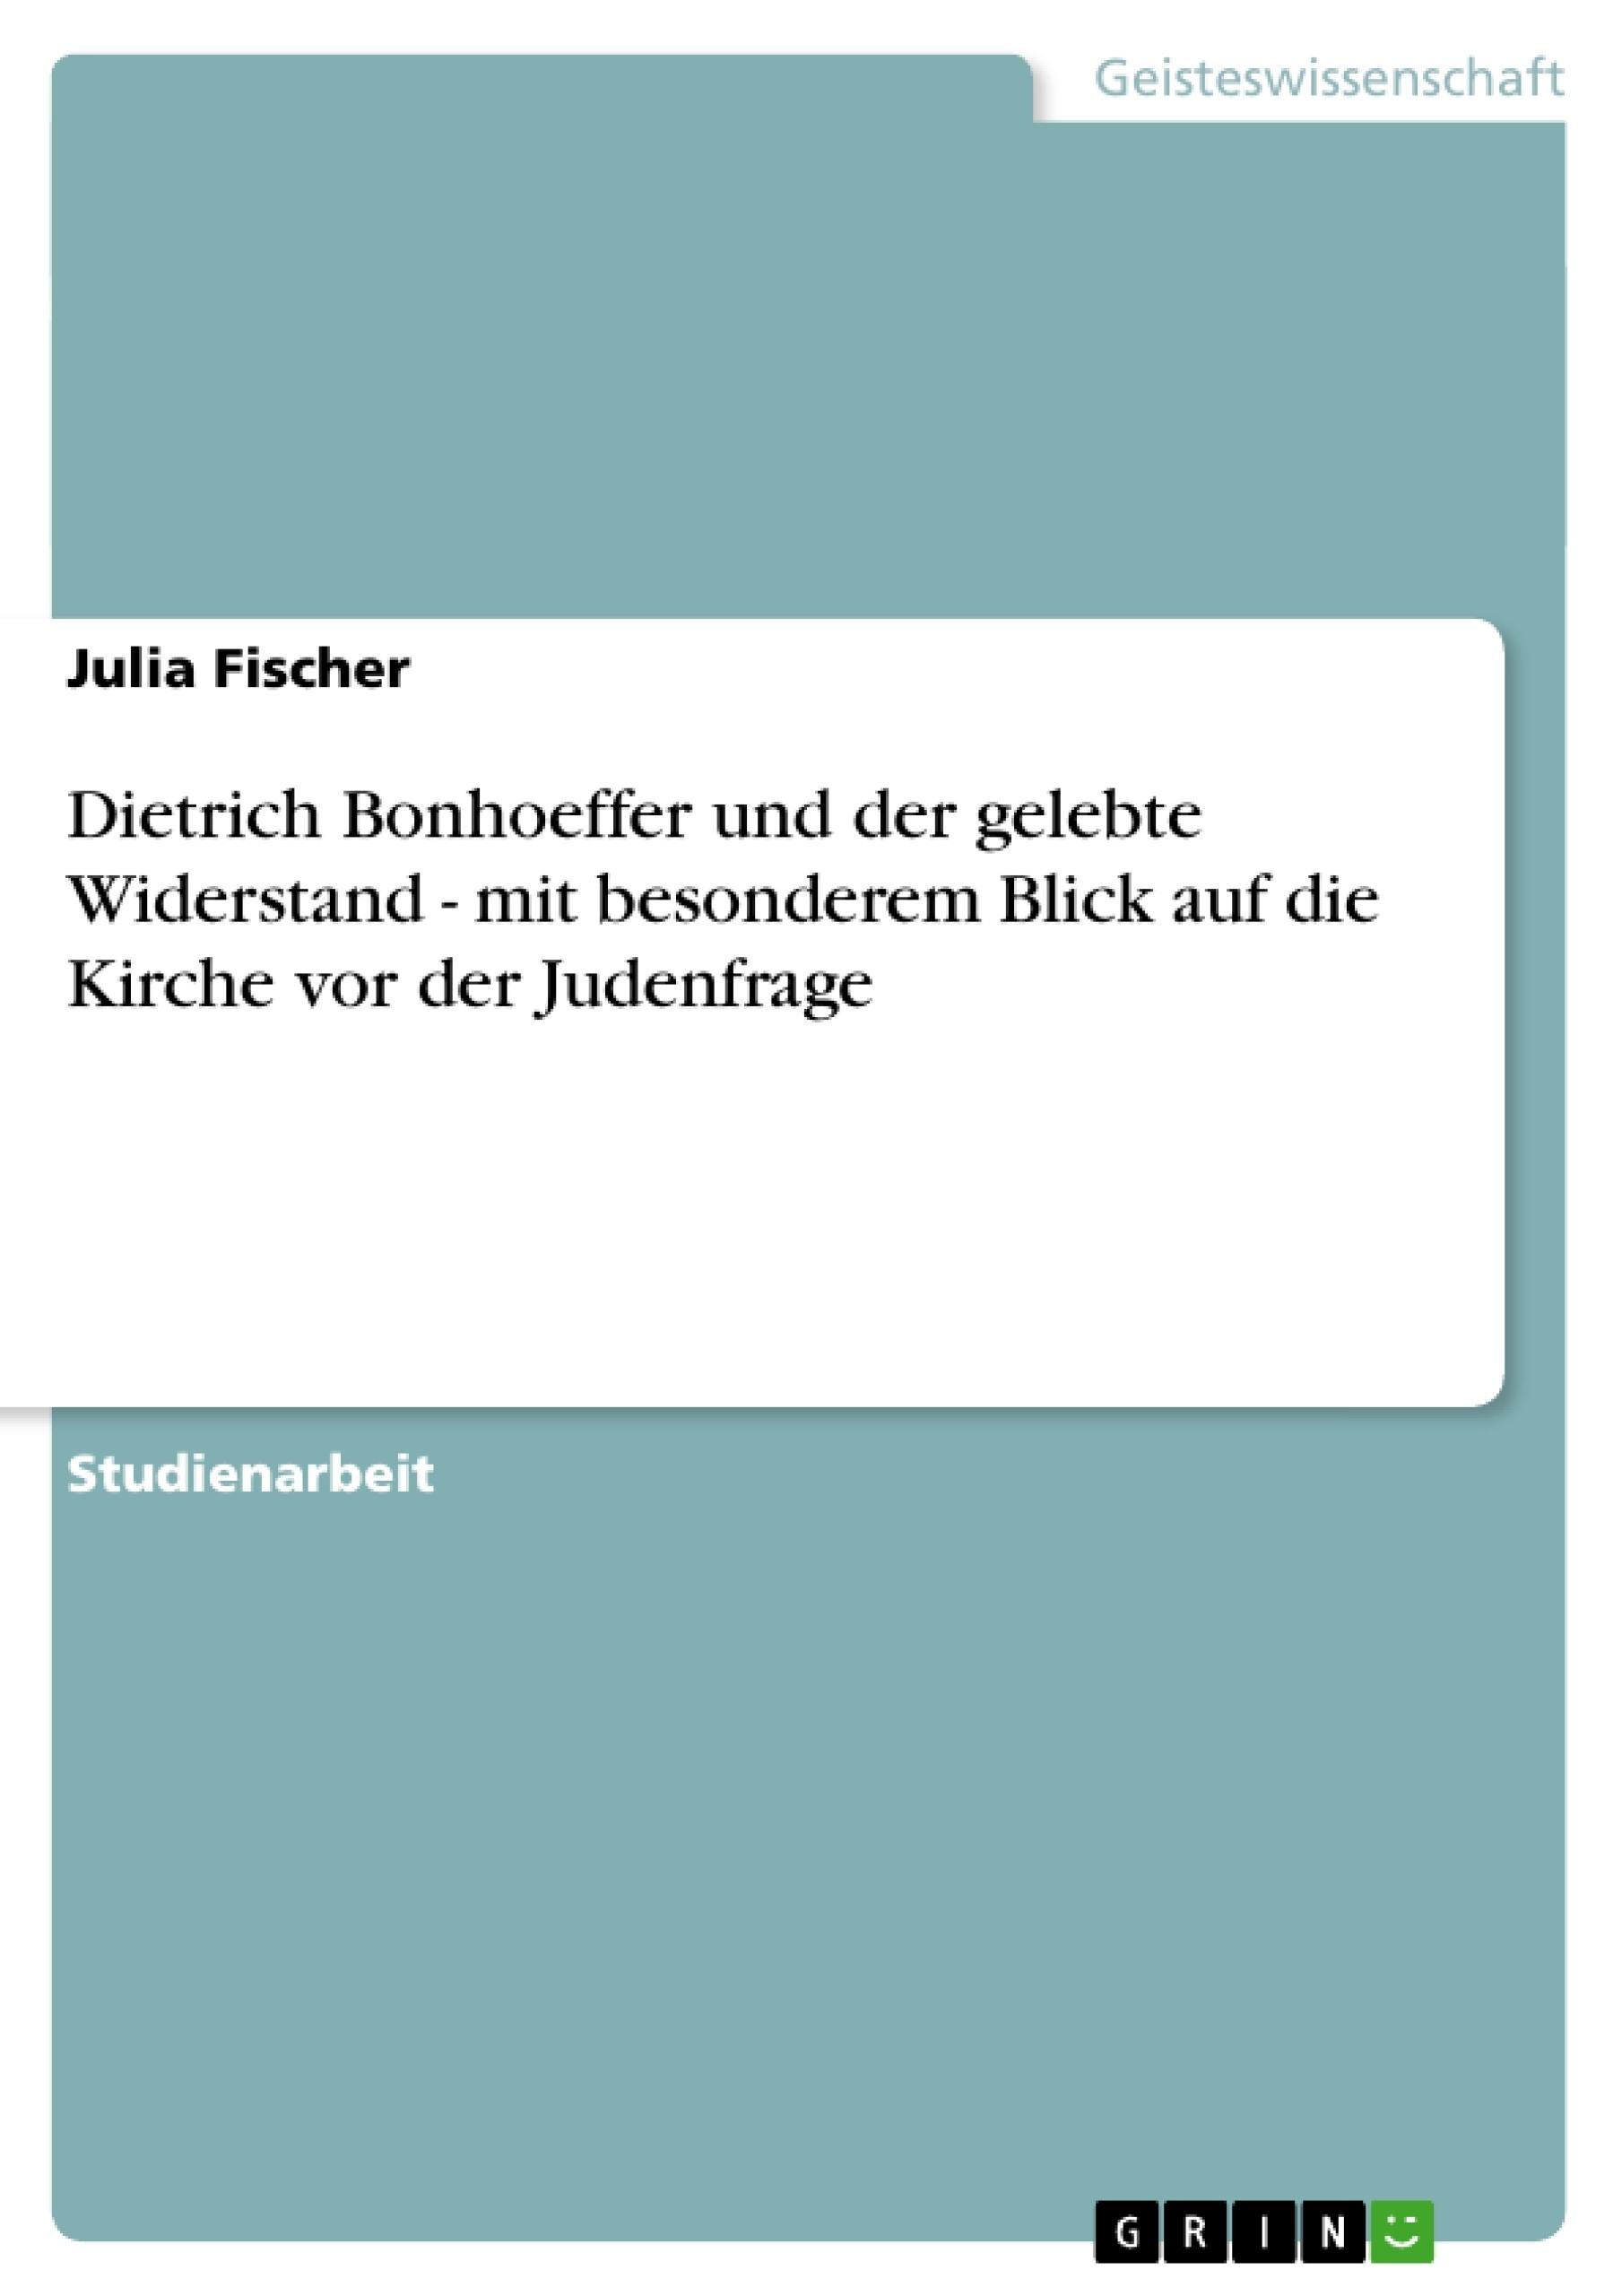 Titel: Dietrich Bonhoeffer und der gelebte Widerstand - mit besonderem Blick auf die Kirche vor der Judenfrage